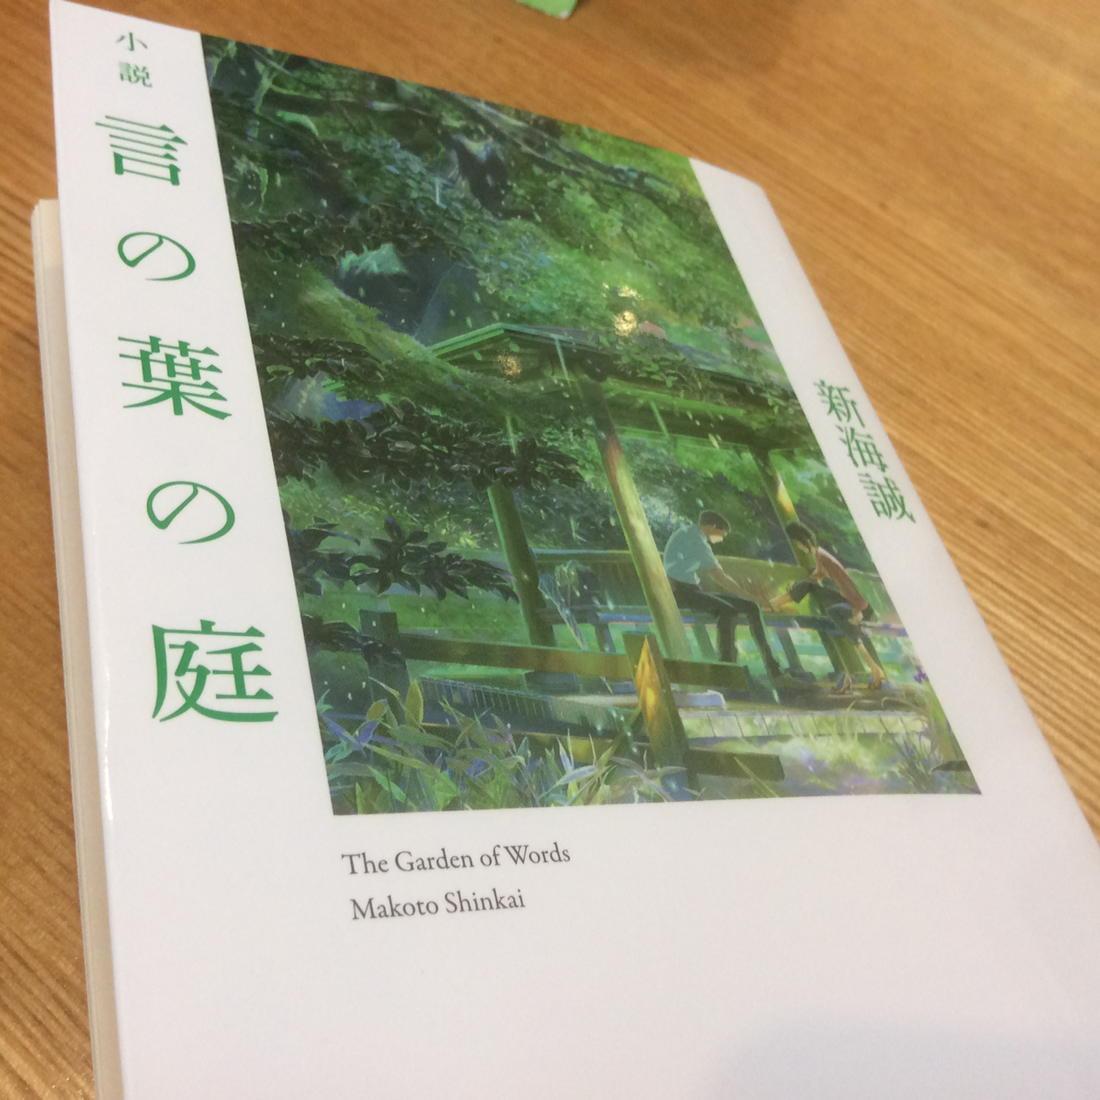 曇天の日の軽井沢に似合うかも…また一気読みしちゃった新海誠「言の葉の庭」